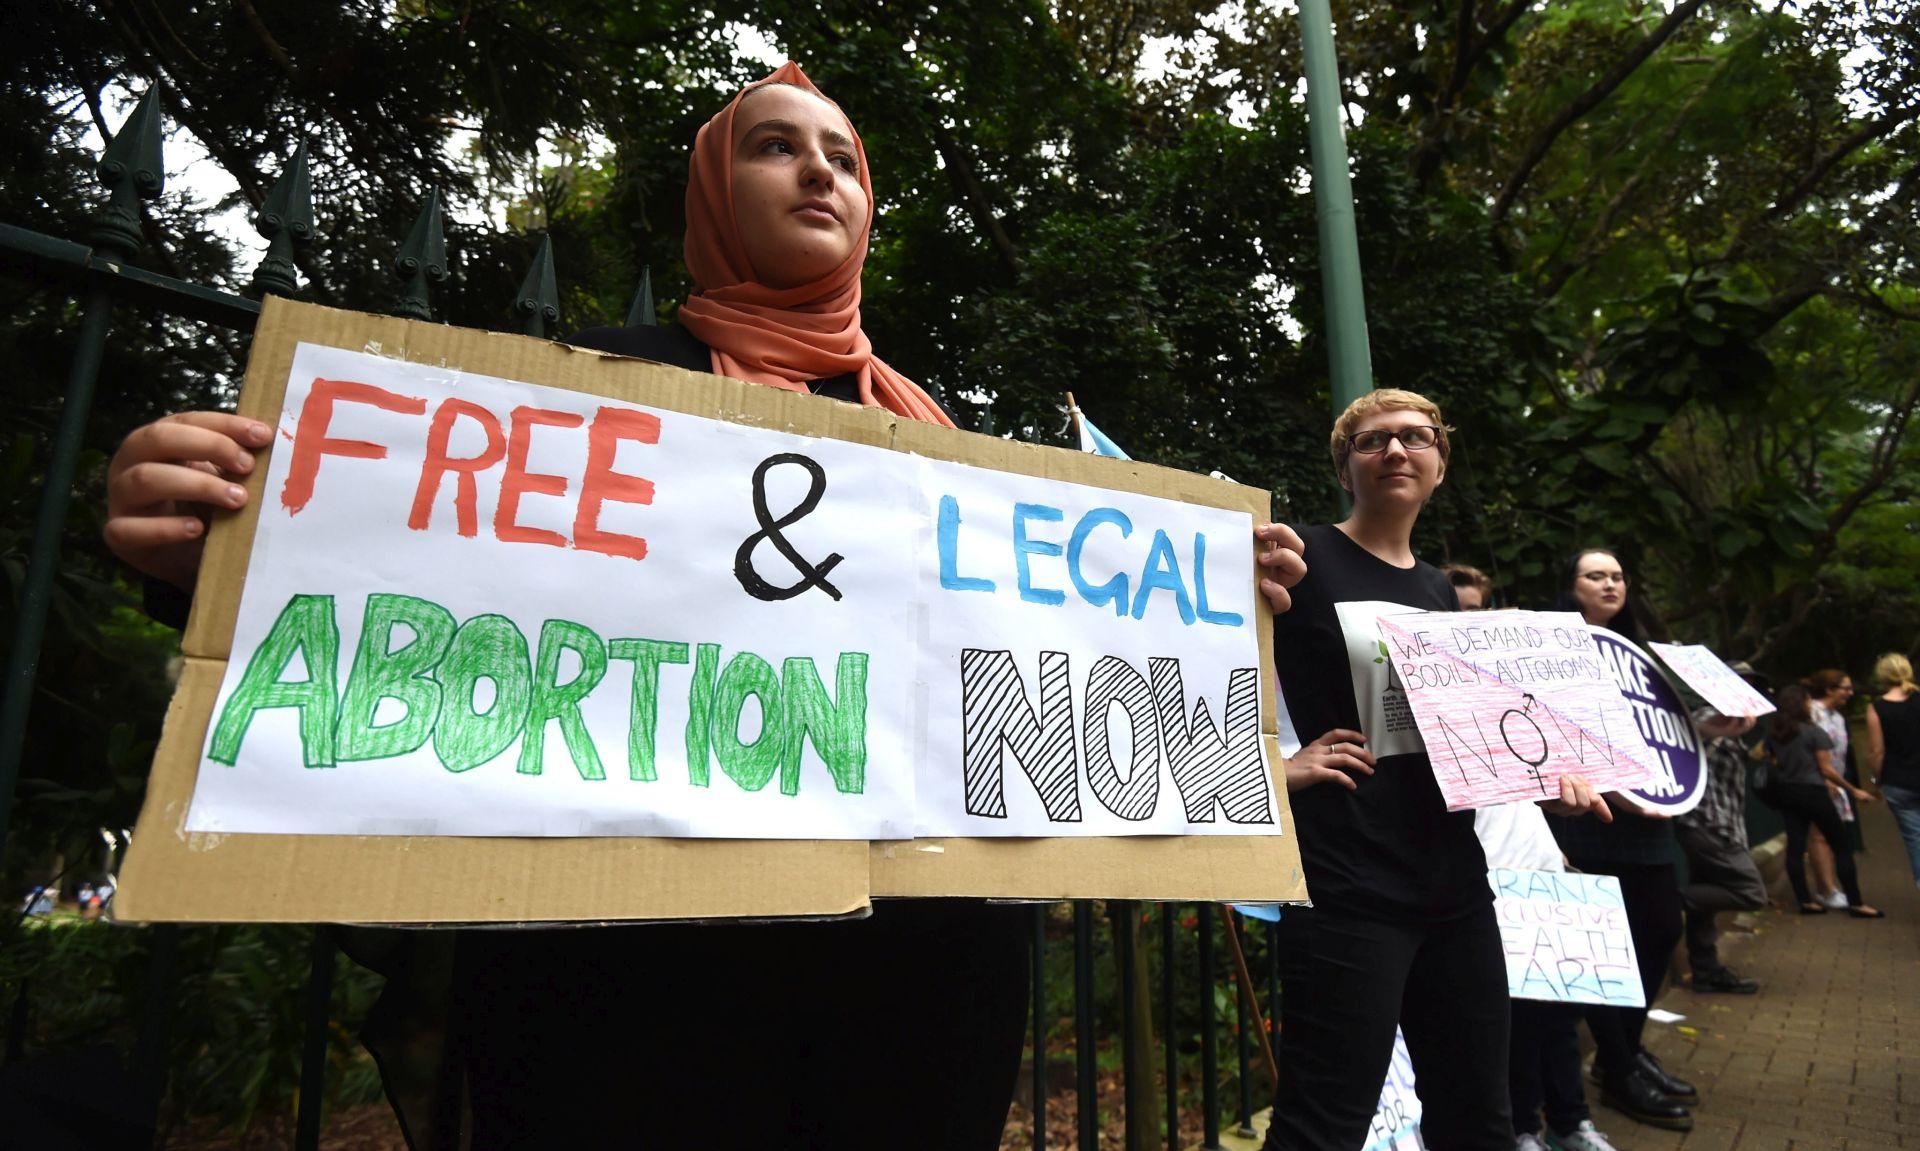 Europljanke objavile manifest za pravo na pobačaj